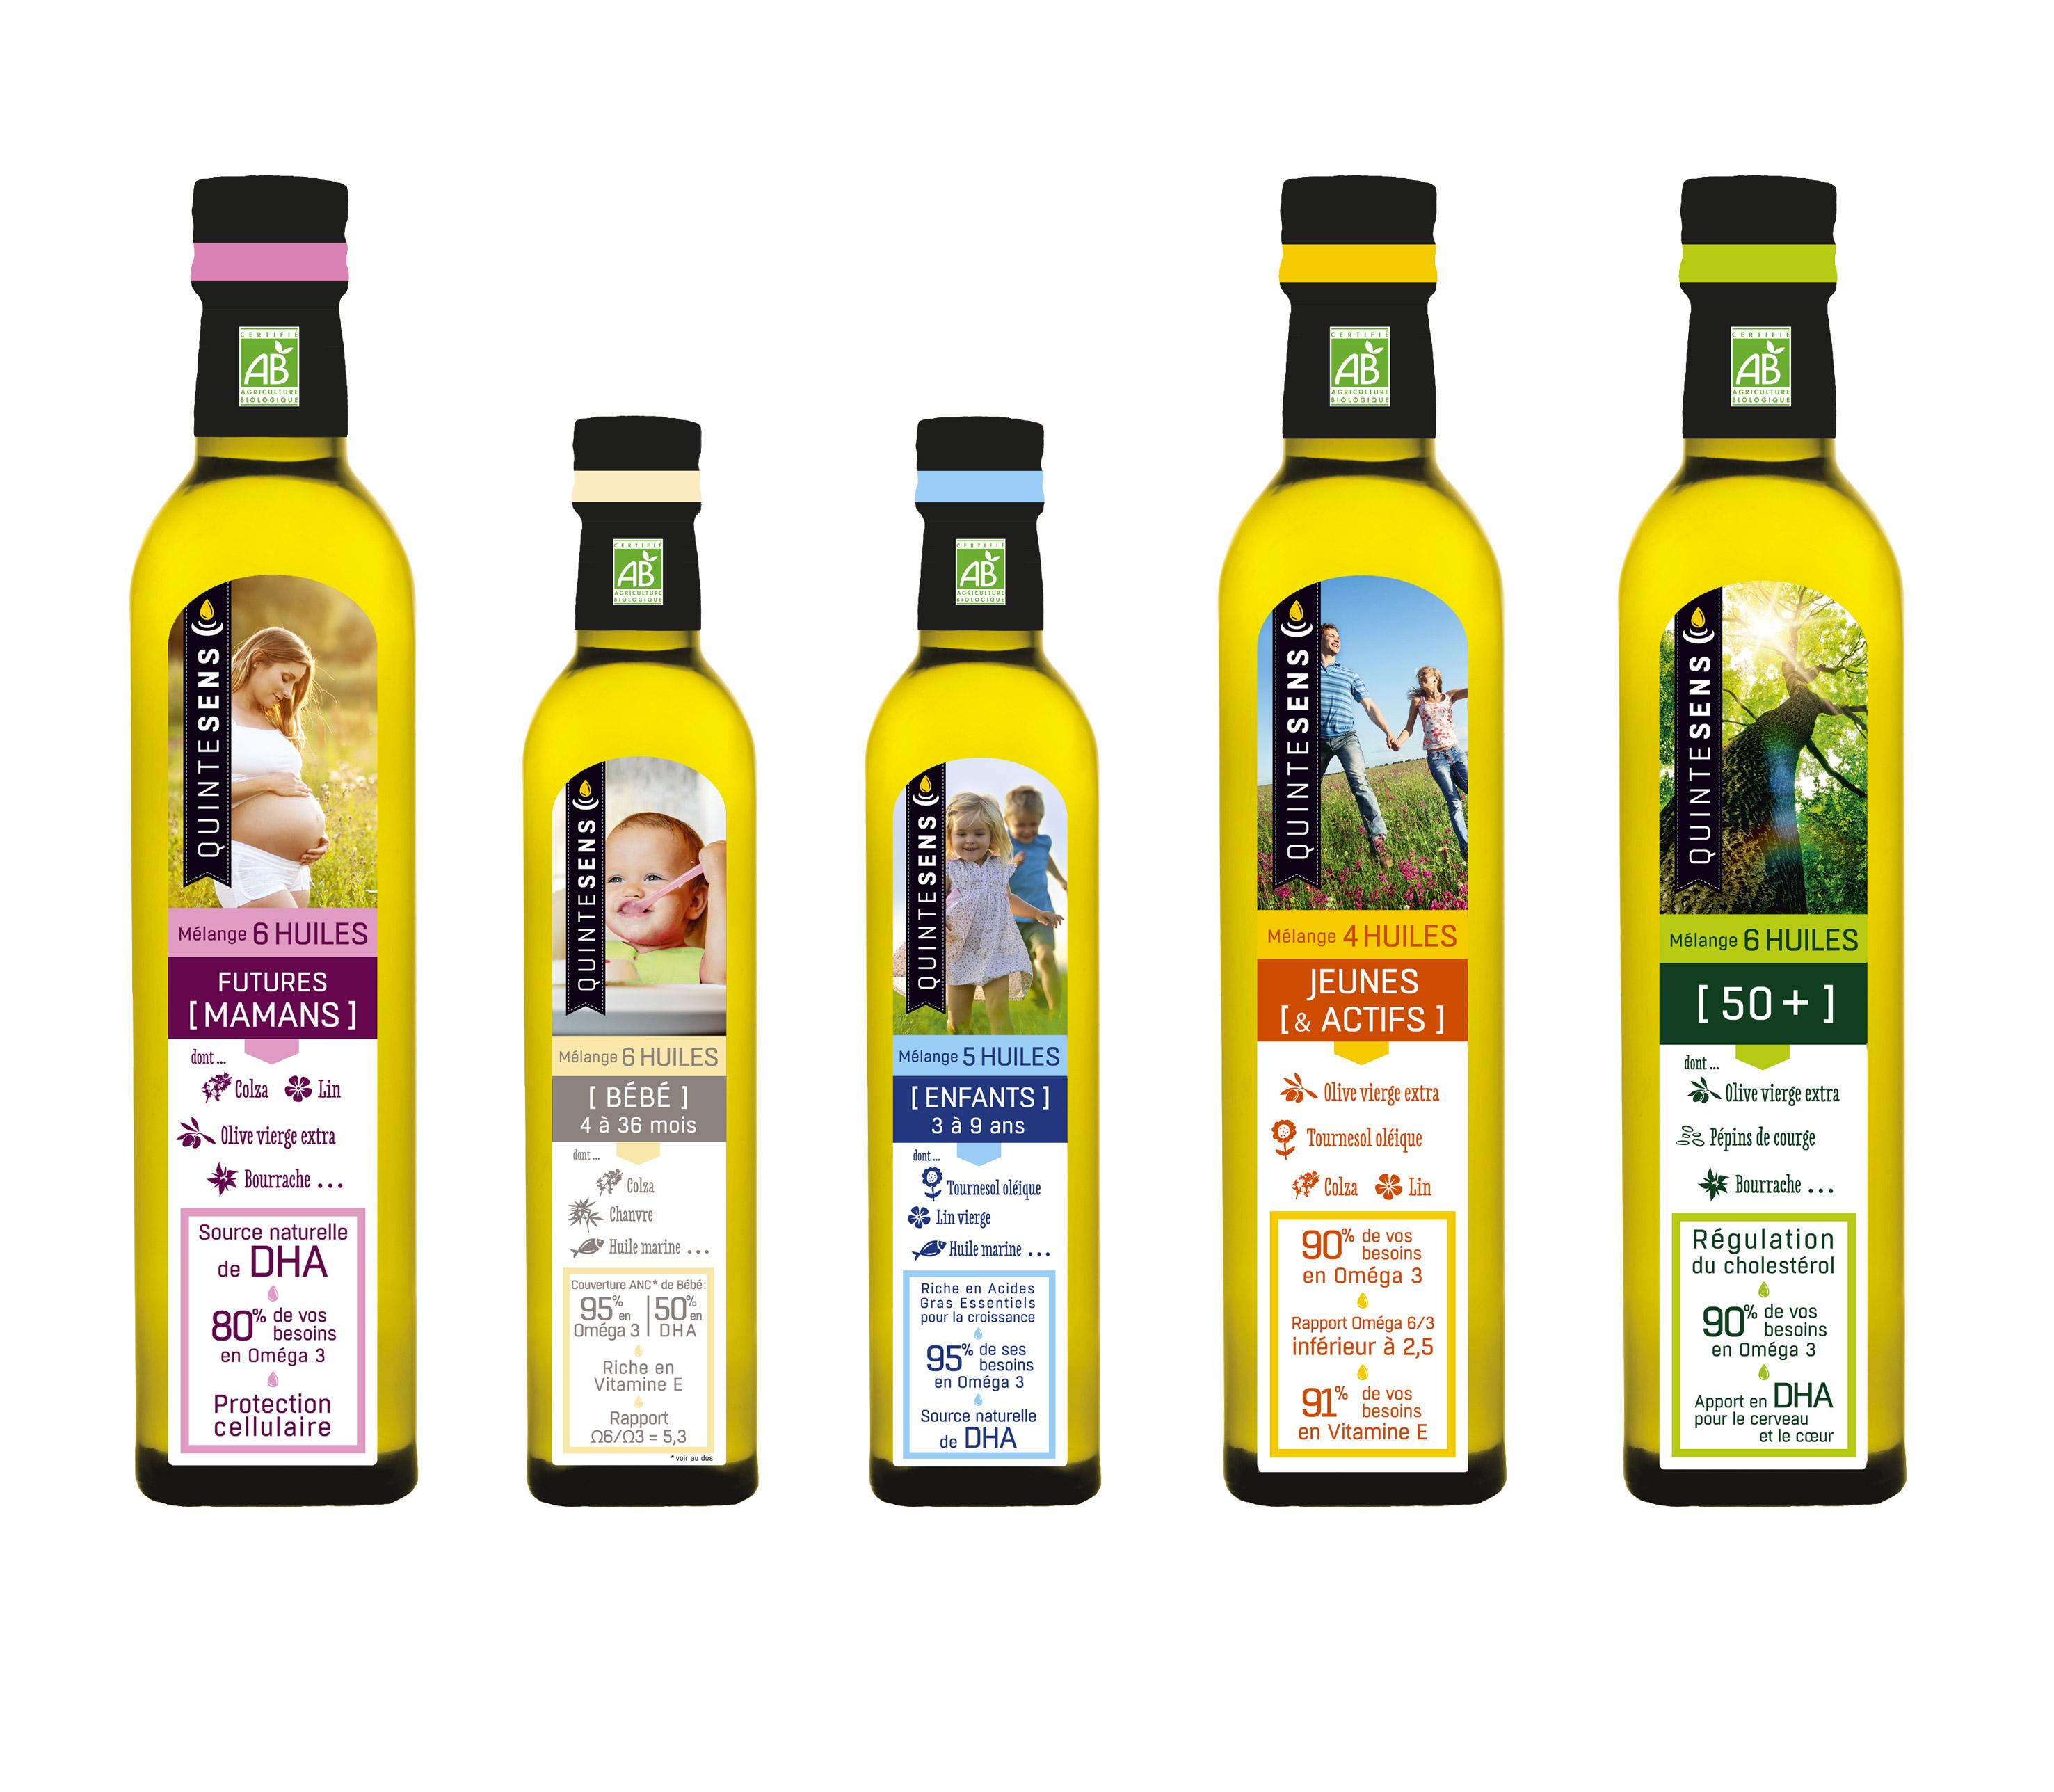 huile colza omega 3 6